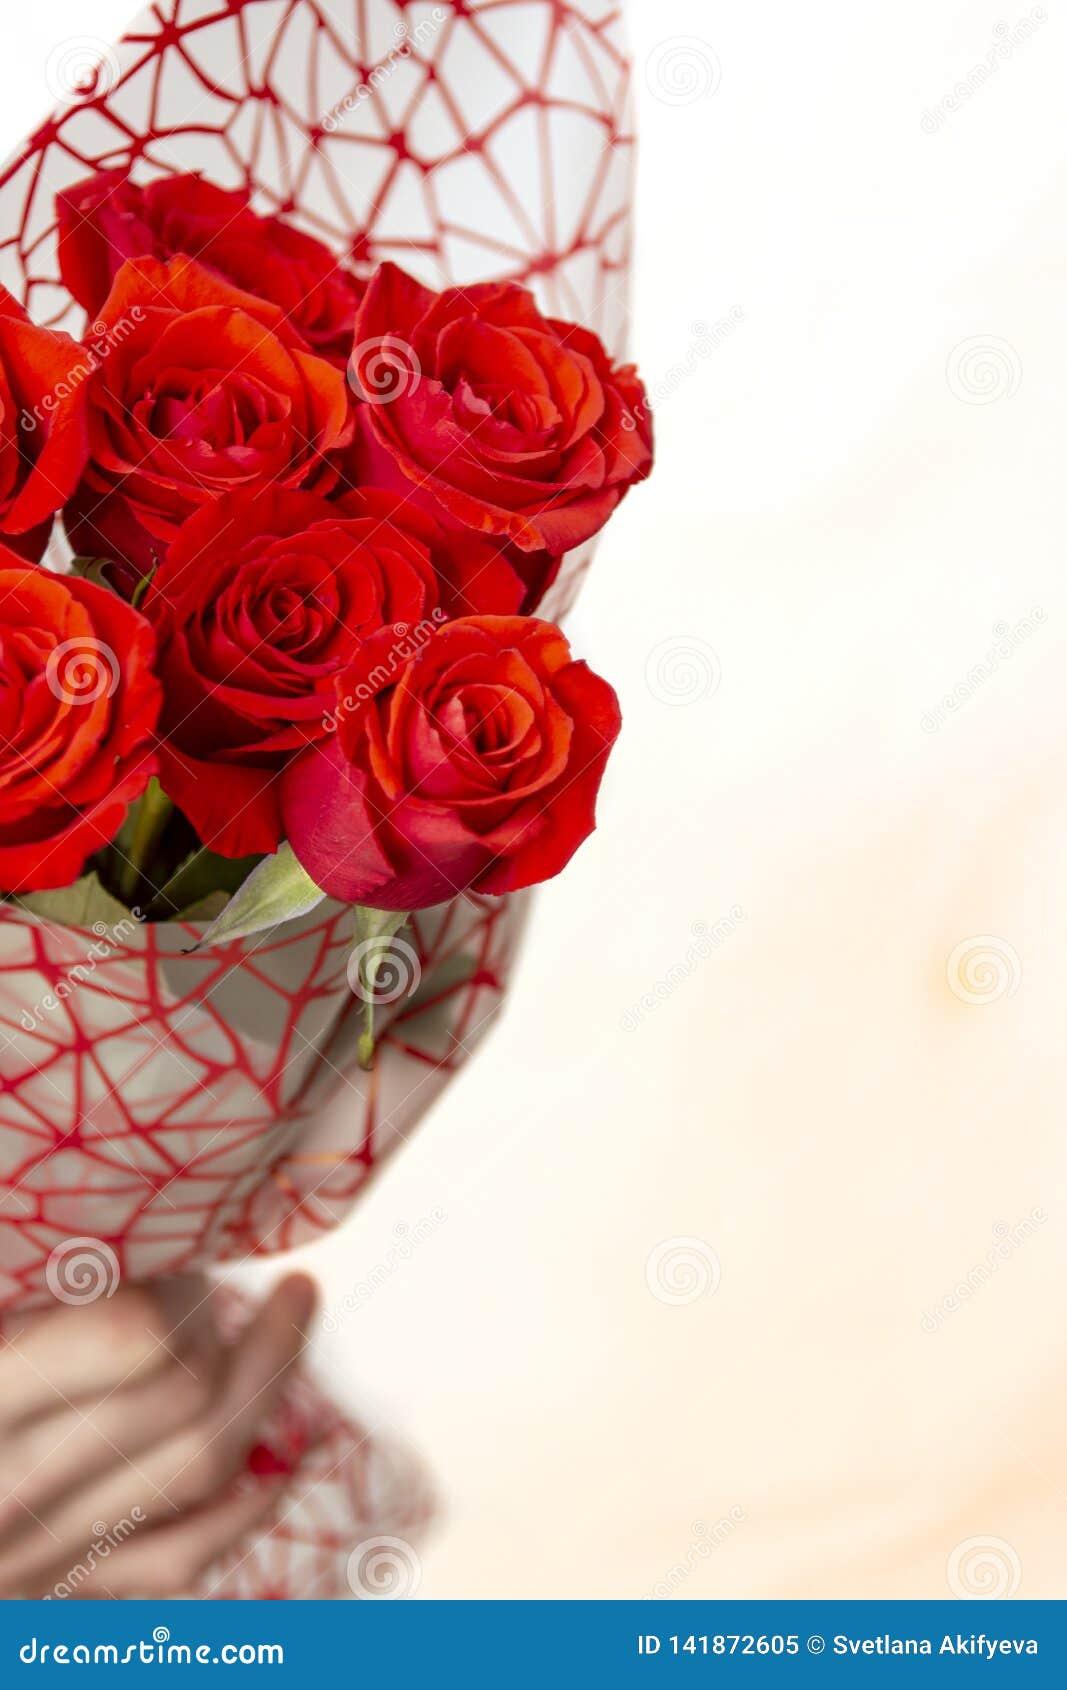 Ανθοδέσμη εκμετάλλευσης χεριών των κόκκινων τριαντάφυλλων πέρα από το άσπρο υπόβαθρο